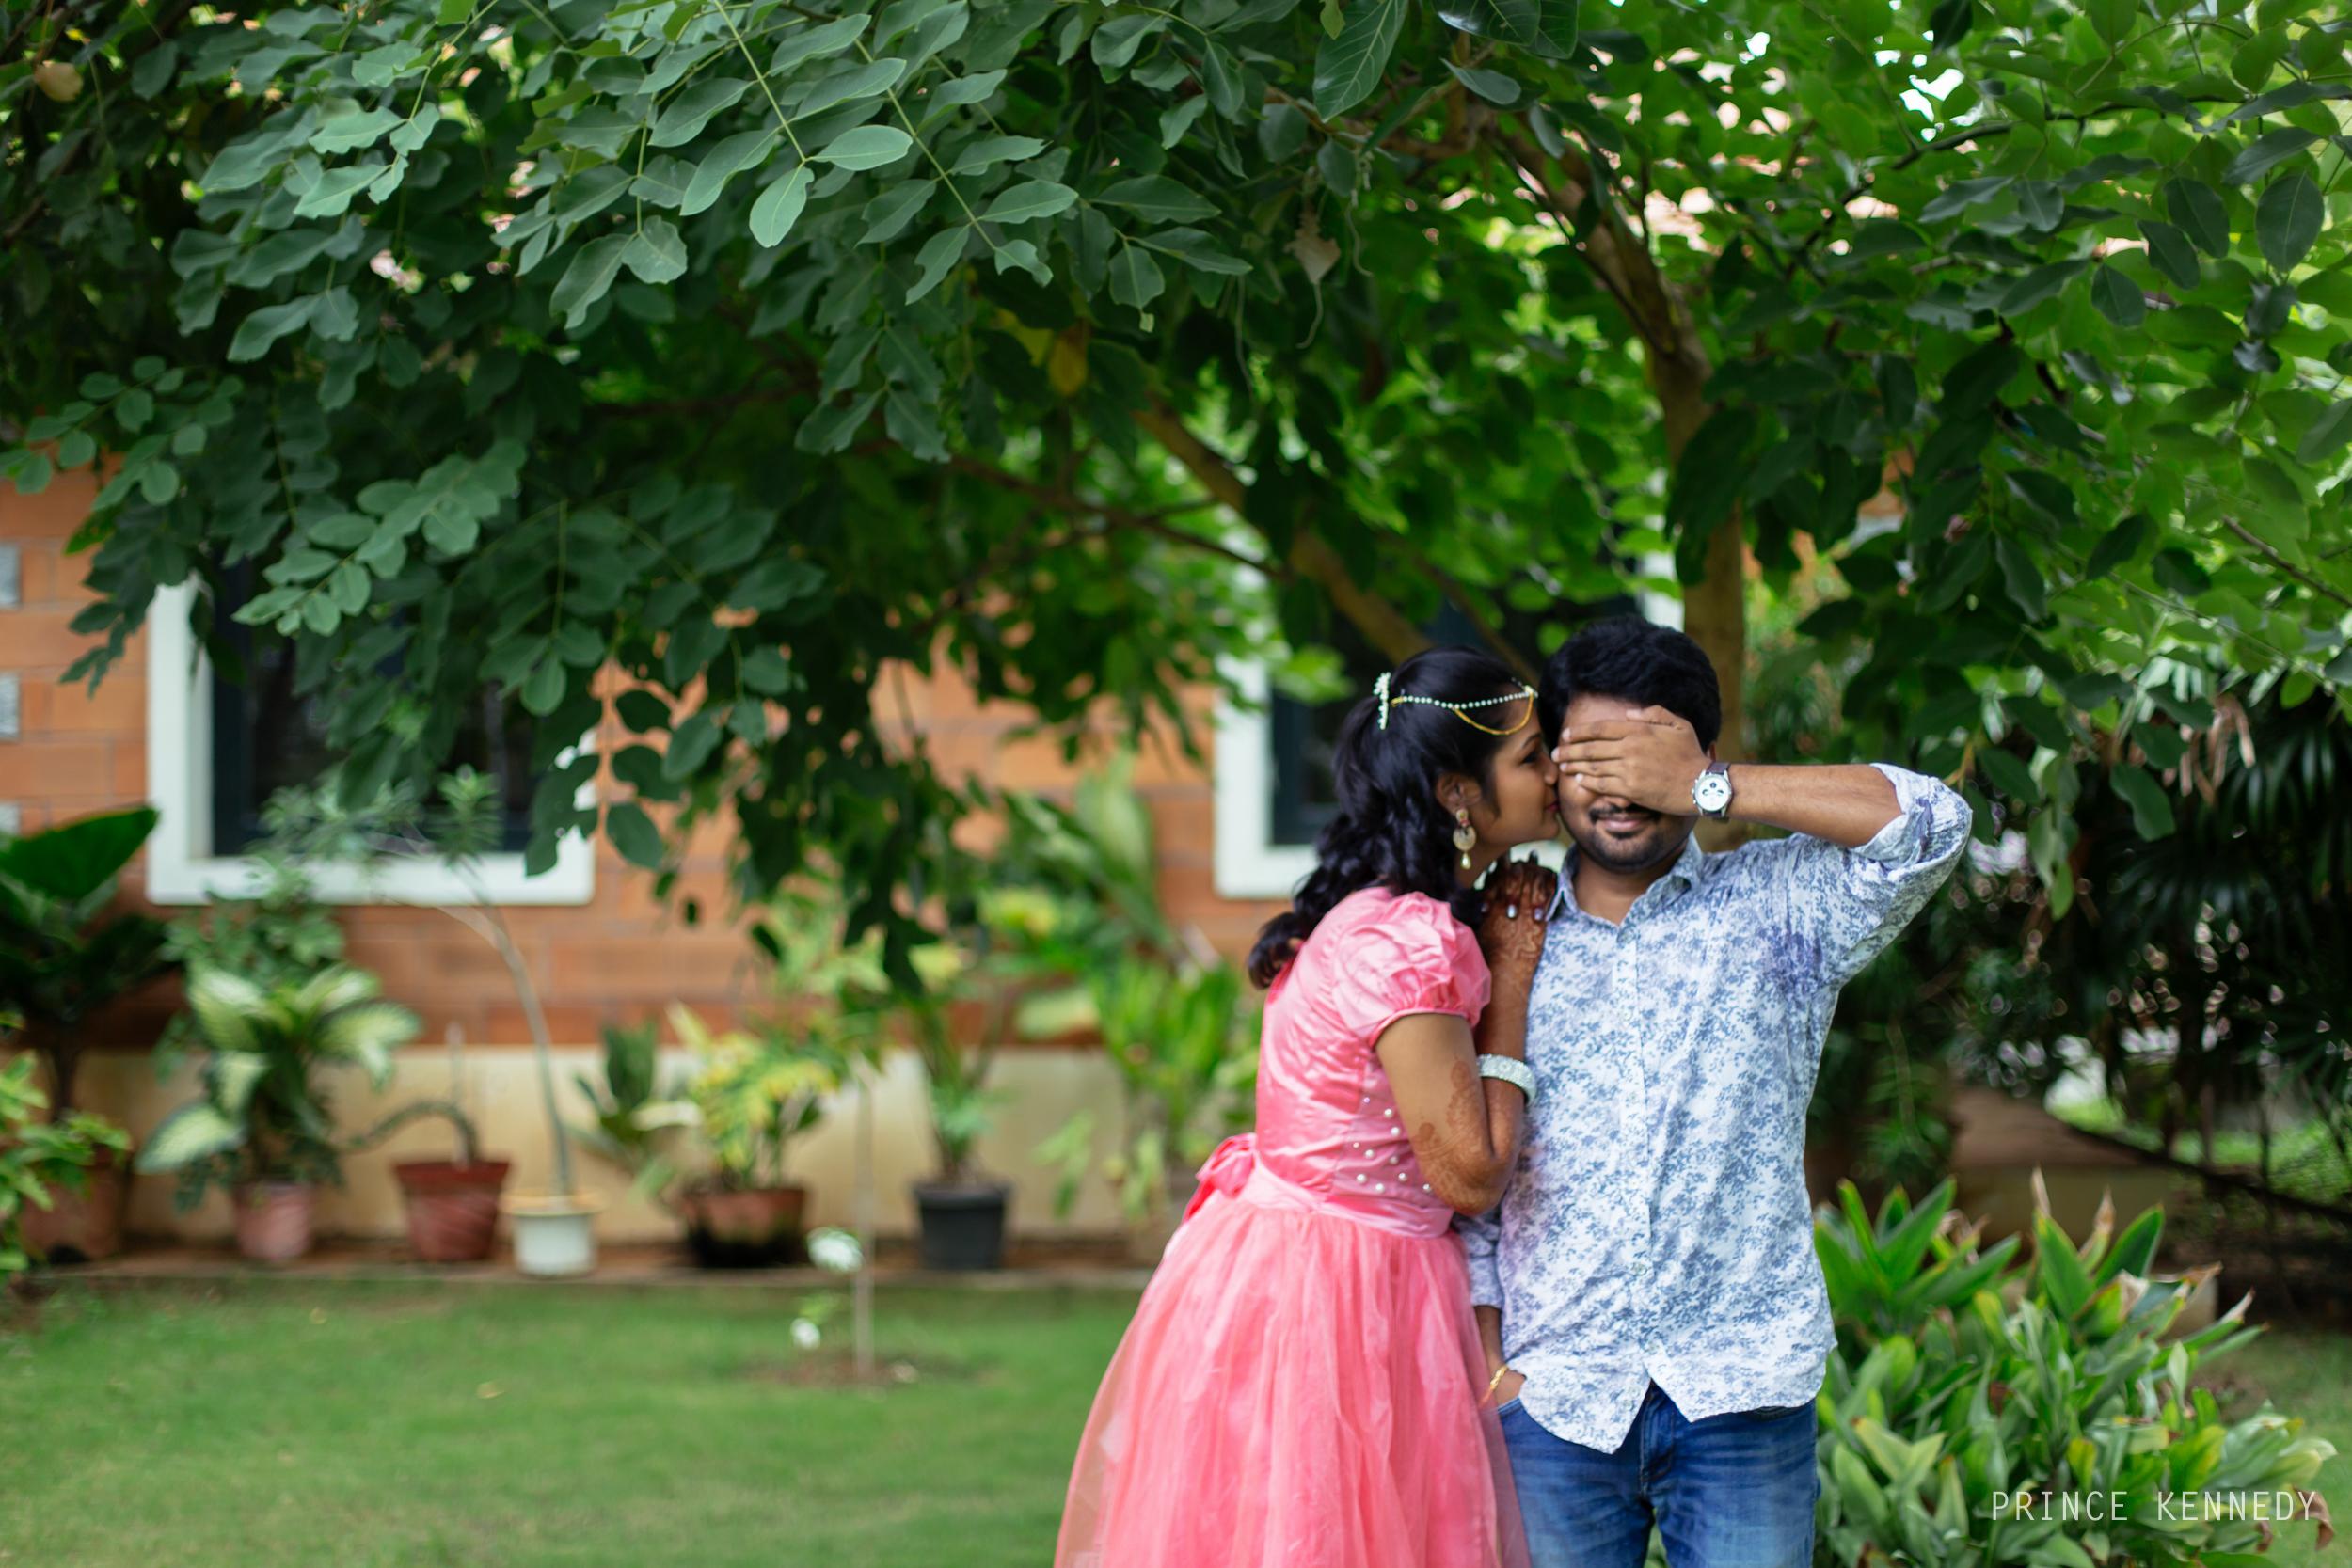 Engagement-Couple-Portrait-Portraiture-Wedding-Couple-Portrait-Chennai-Photographer-Candid-Photography-Destination-Best-Prince-Kennedy-Photography-52.jpg